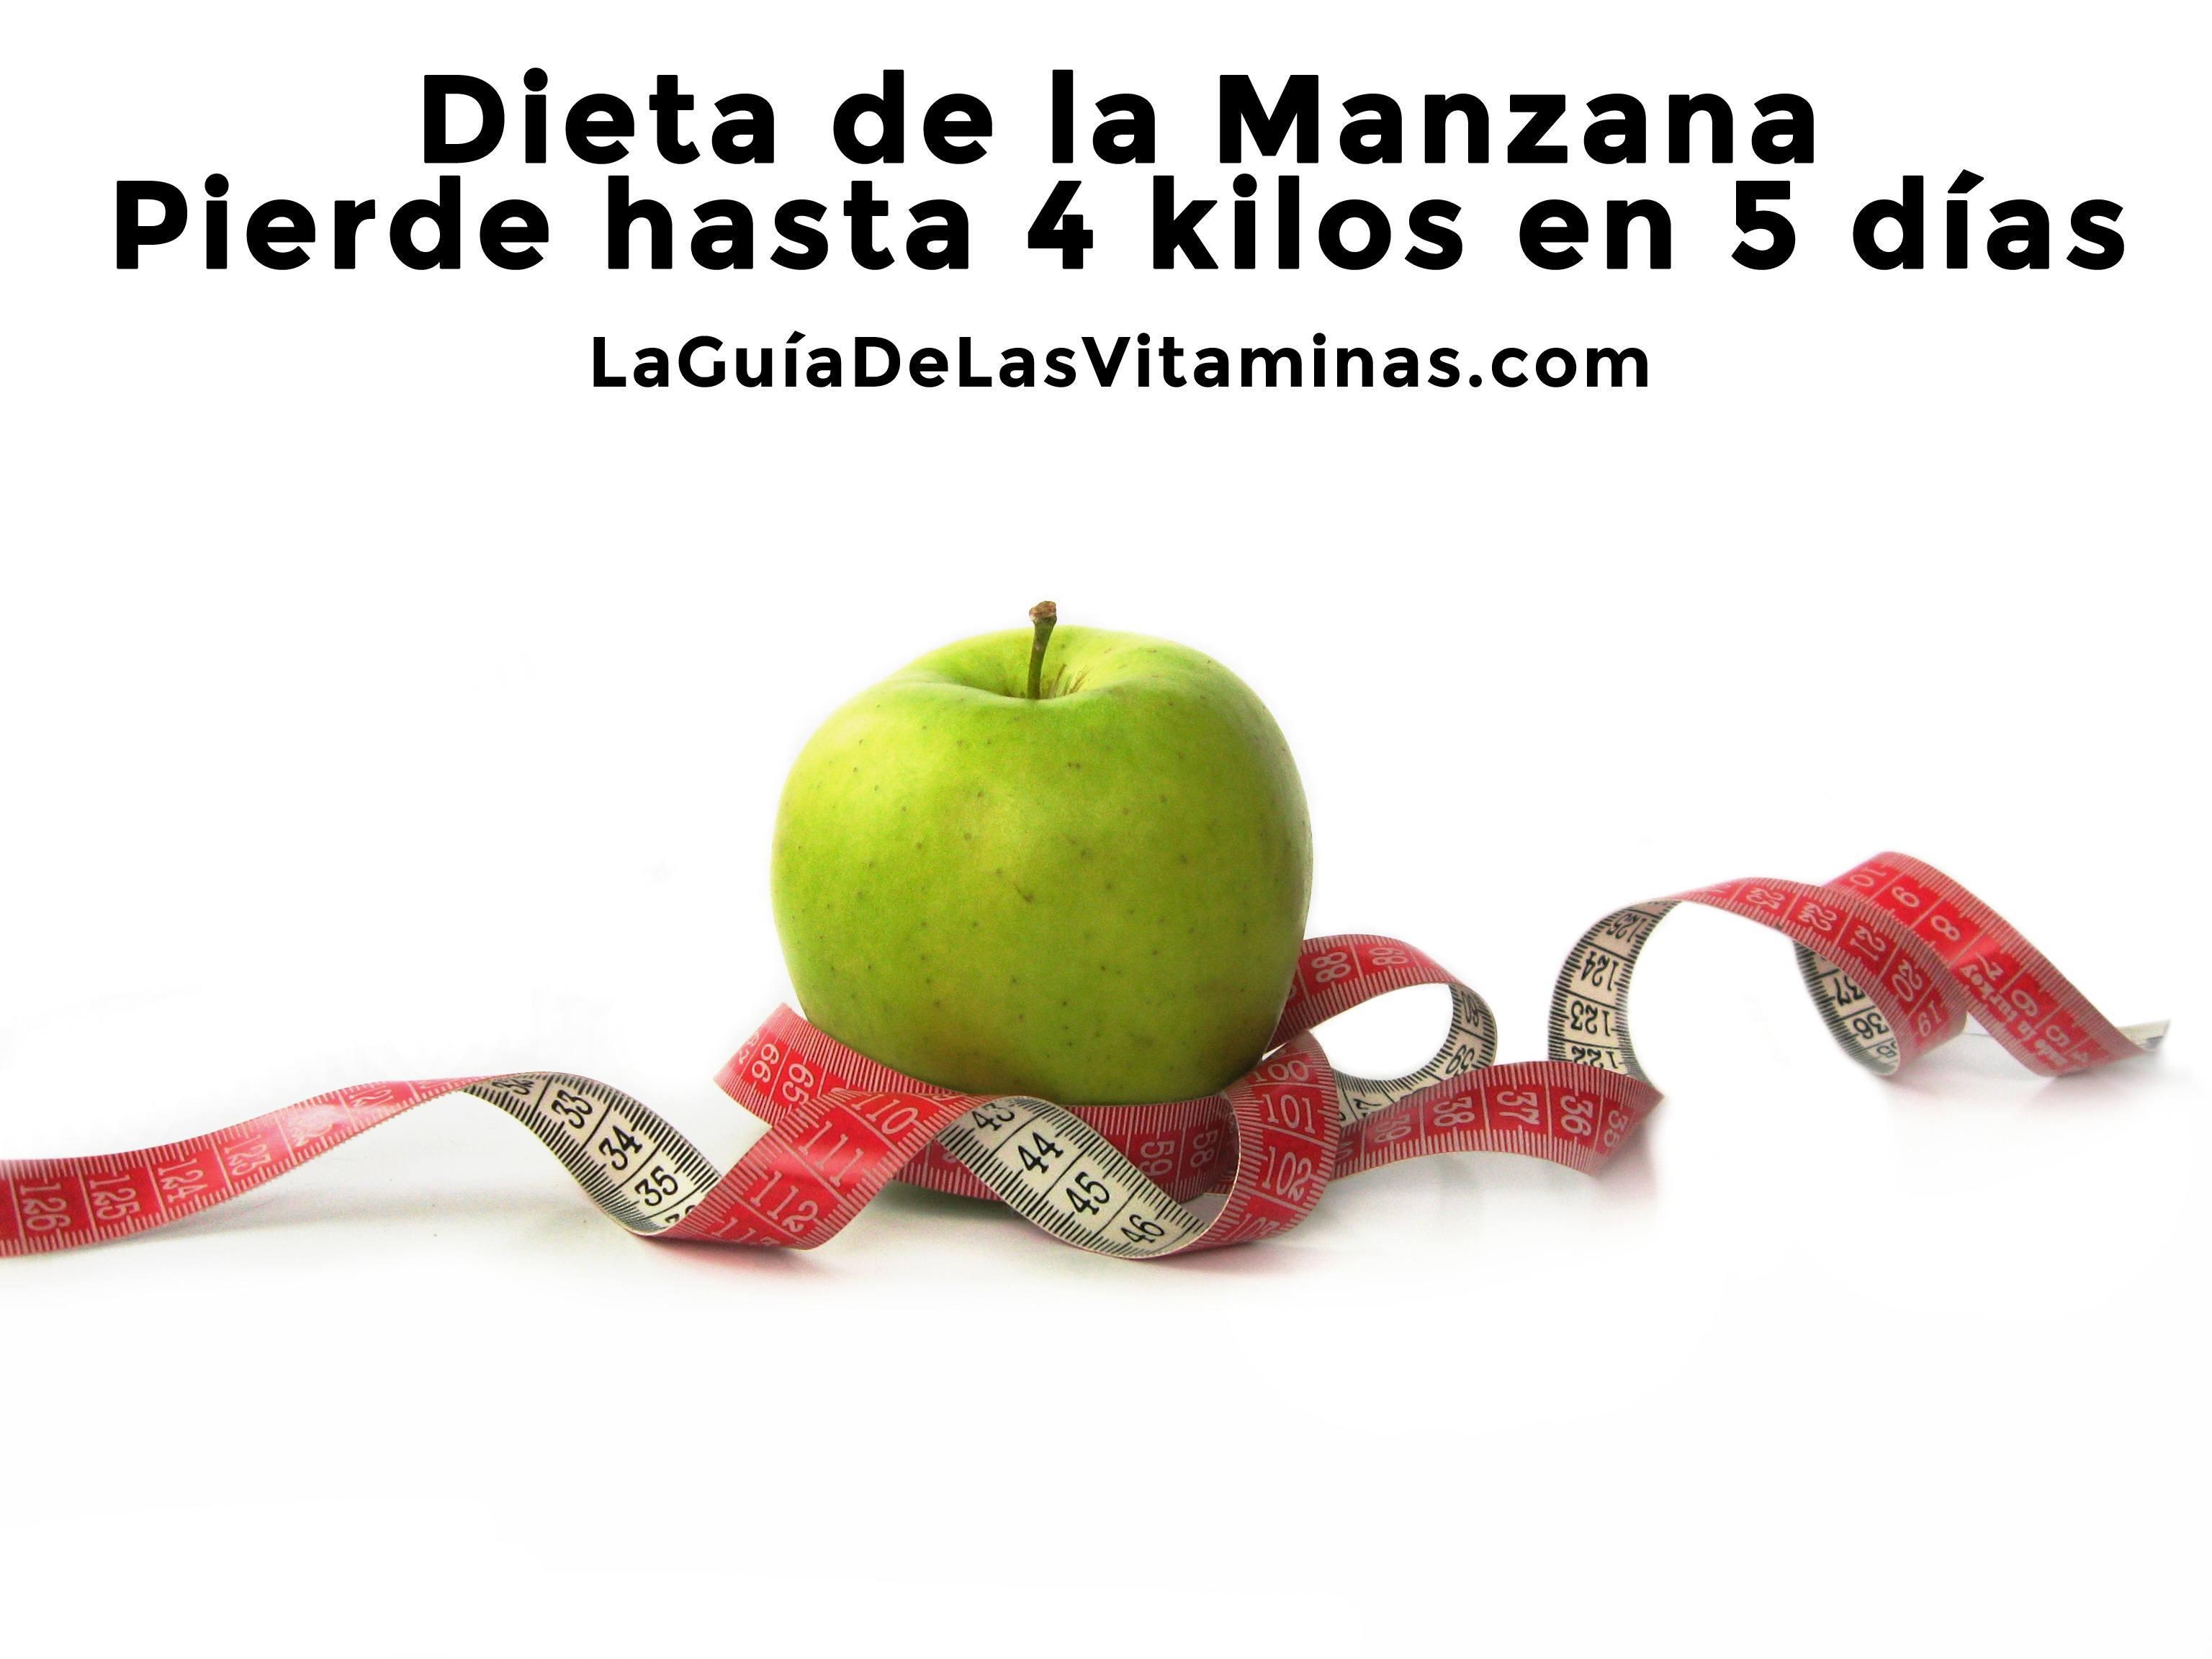 dieta-de-la-manzana1.jpg